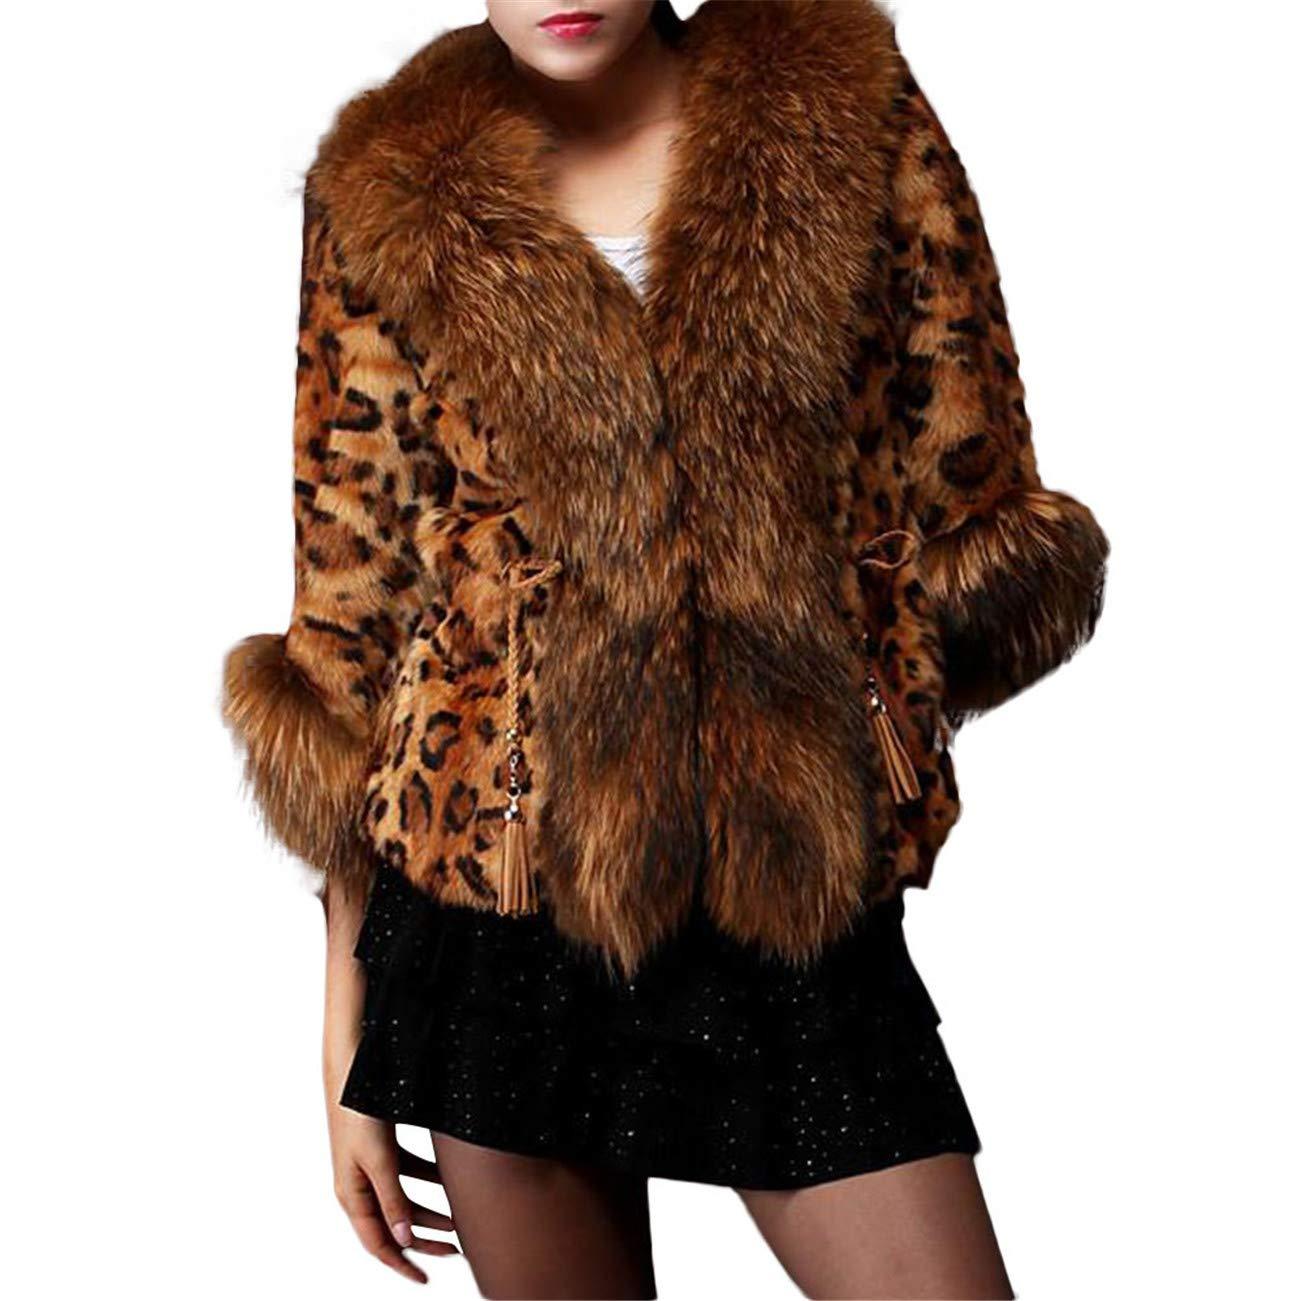 AMUSTER -Inverno Autunno Donna Elegante Cerimonia Fashion Casual Caldo 7 Minuti di Manica Leopard Print Faux Pelliccia Cappotto Capispalla Marrone)